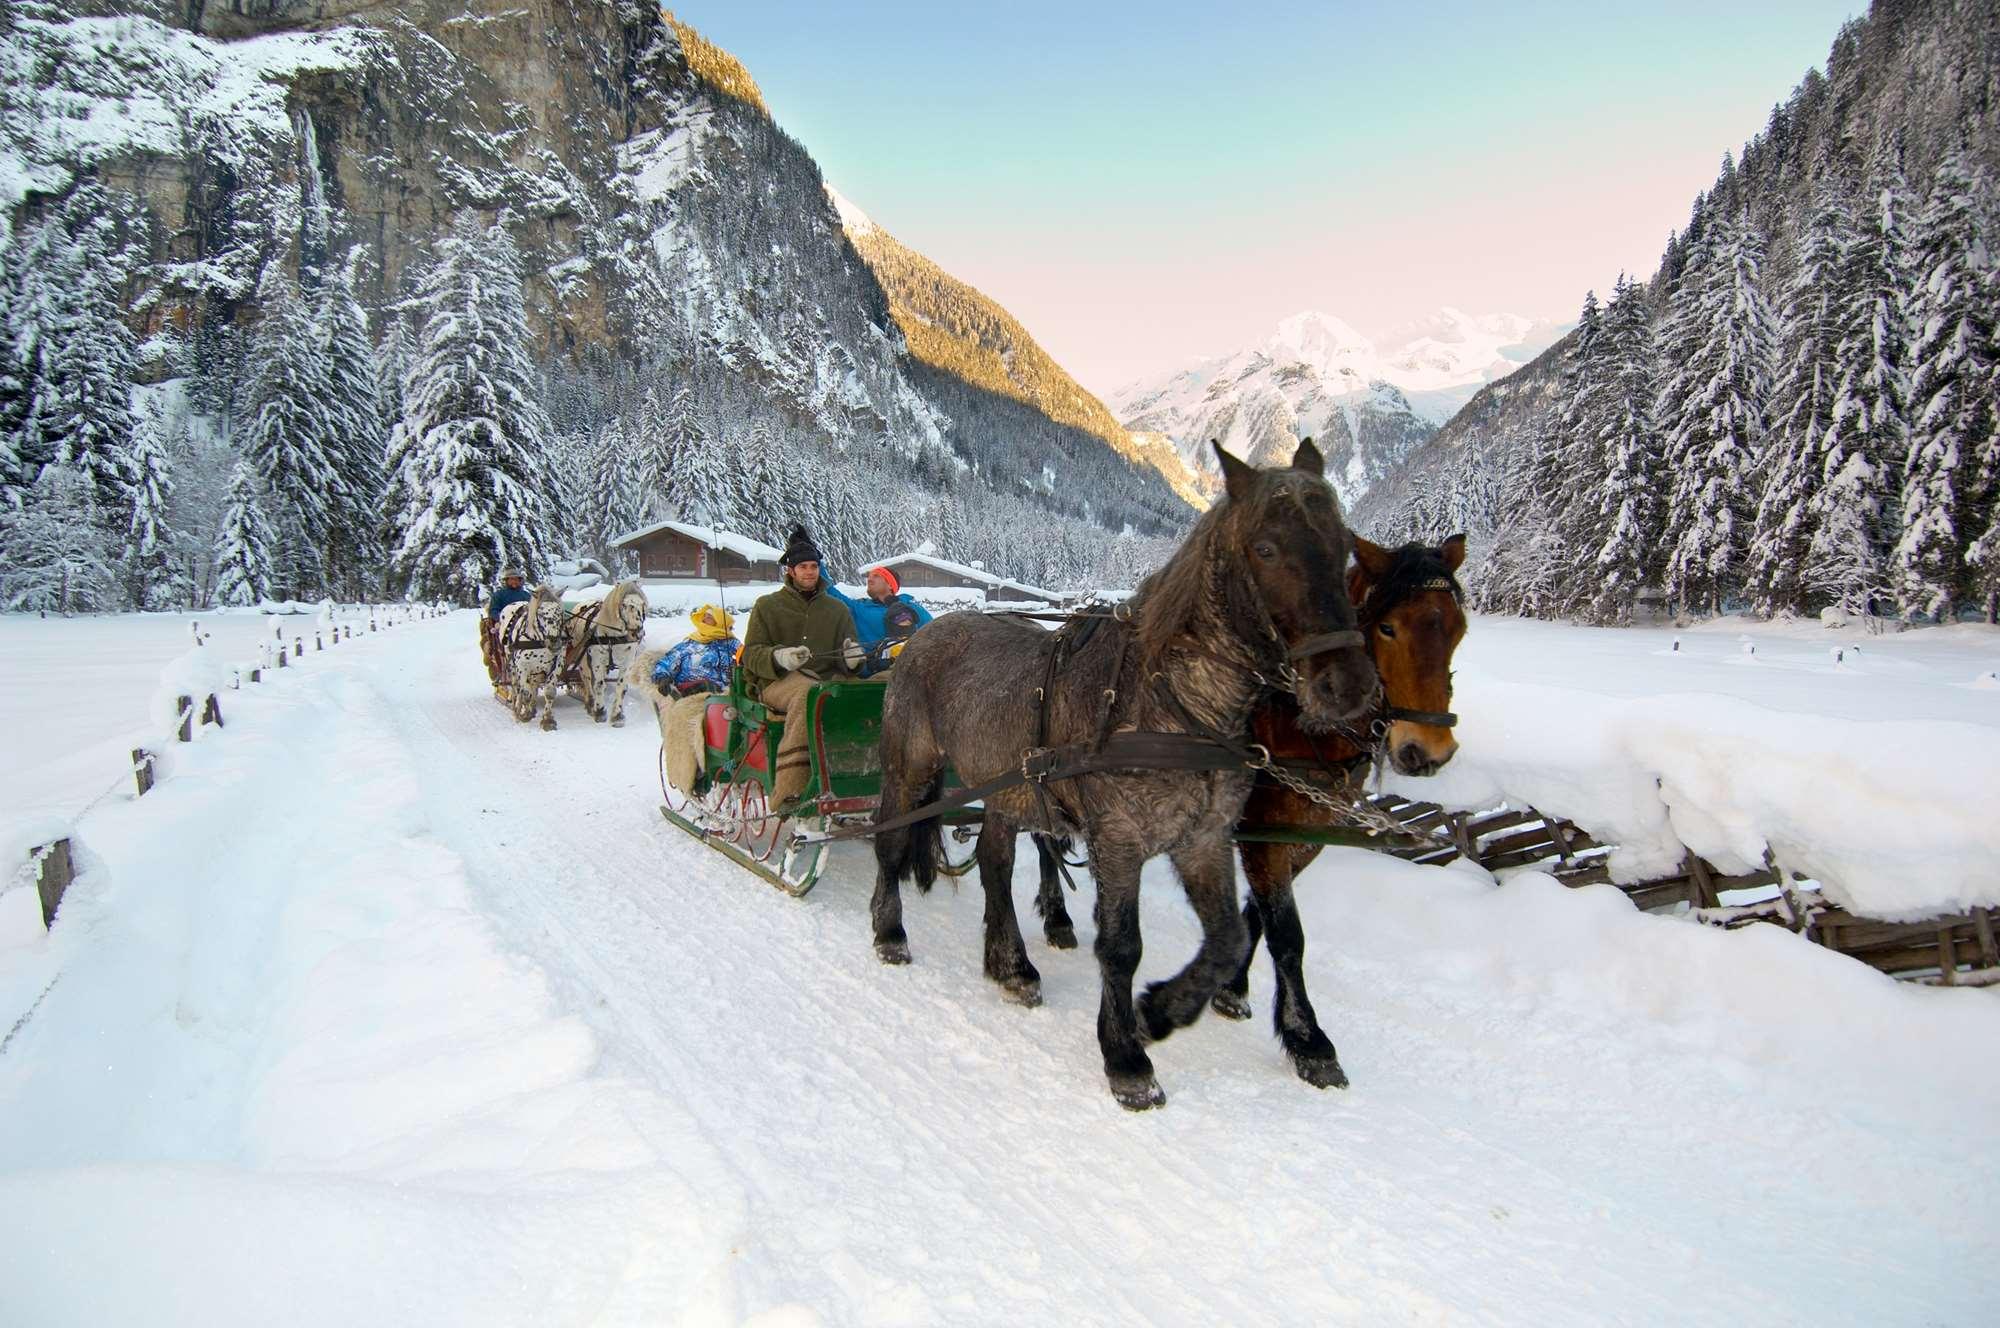 Sleigh ride in Bad Gastein